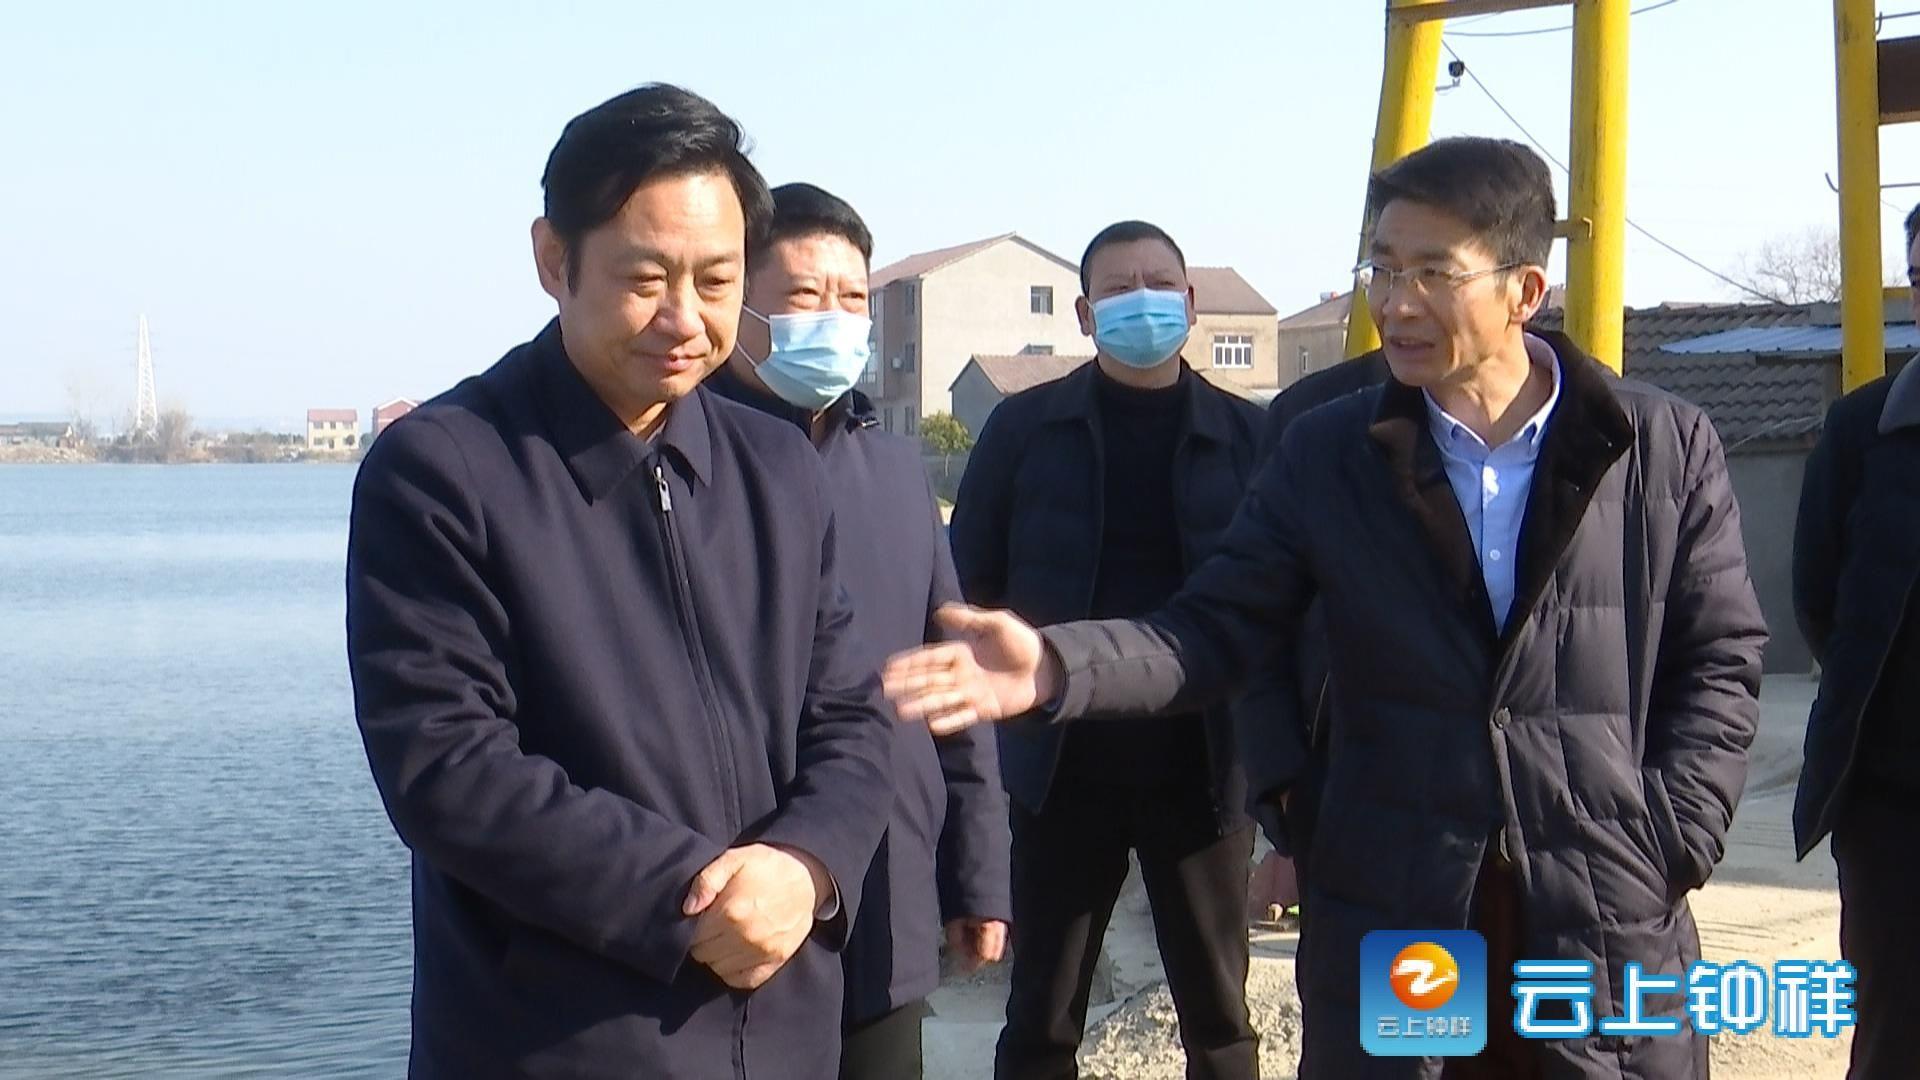 陈劲松督办护城河生态环境整治工作